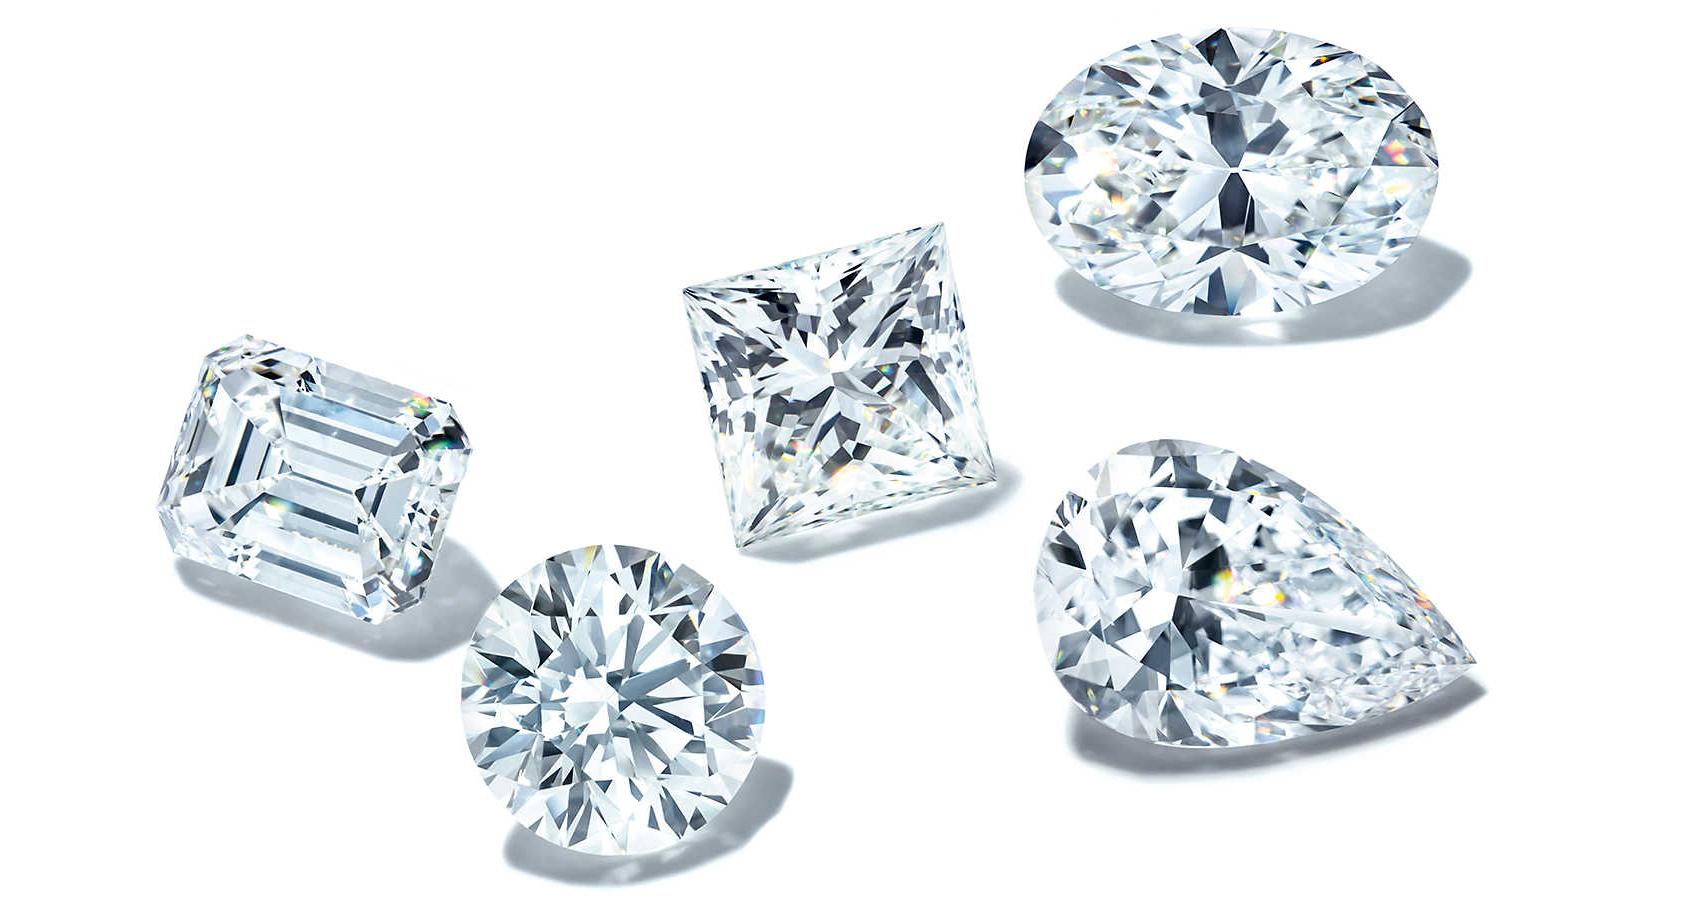 Loose-diamond-render-ref-long.jpg